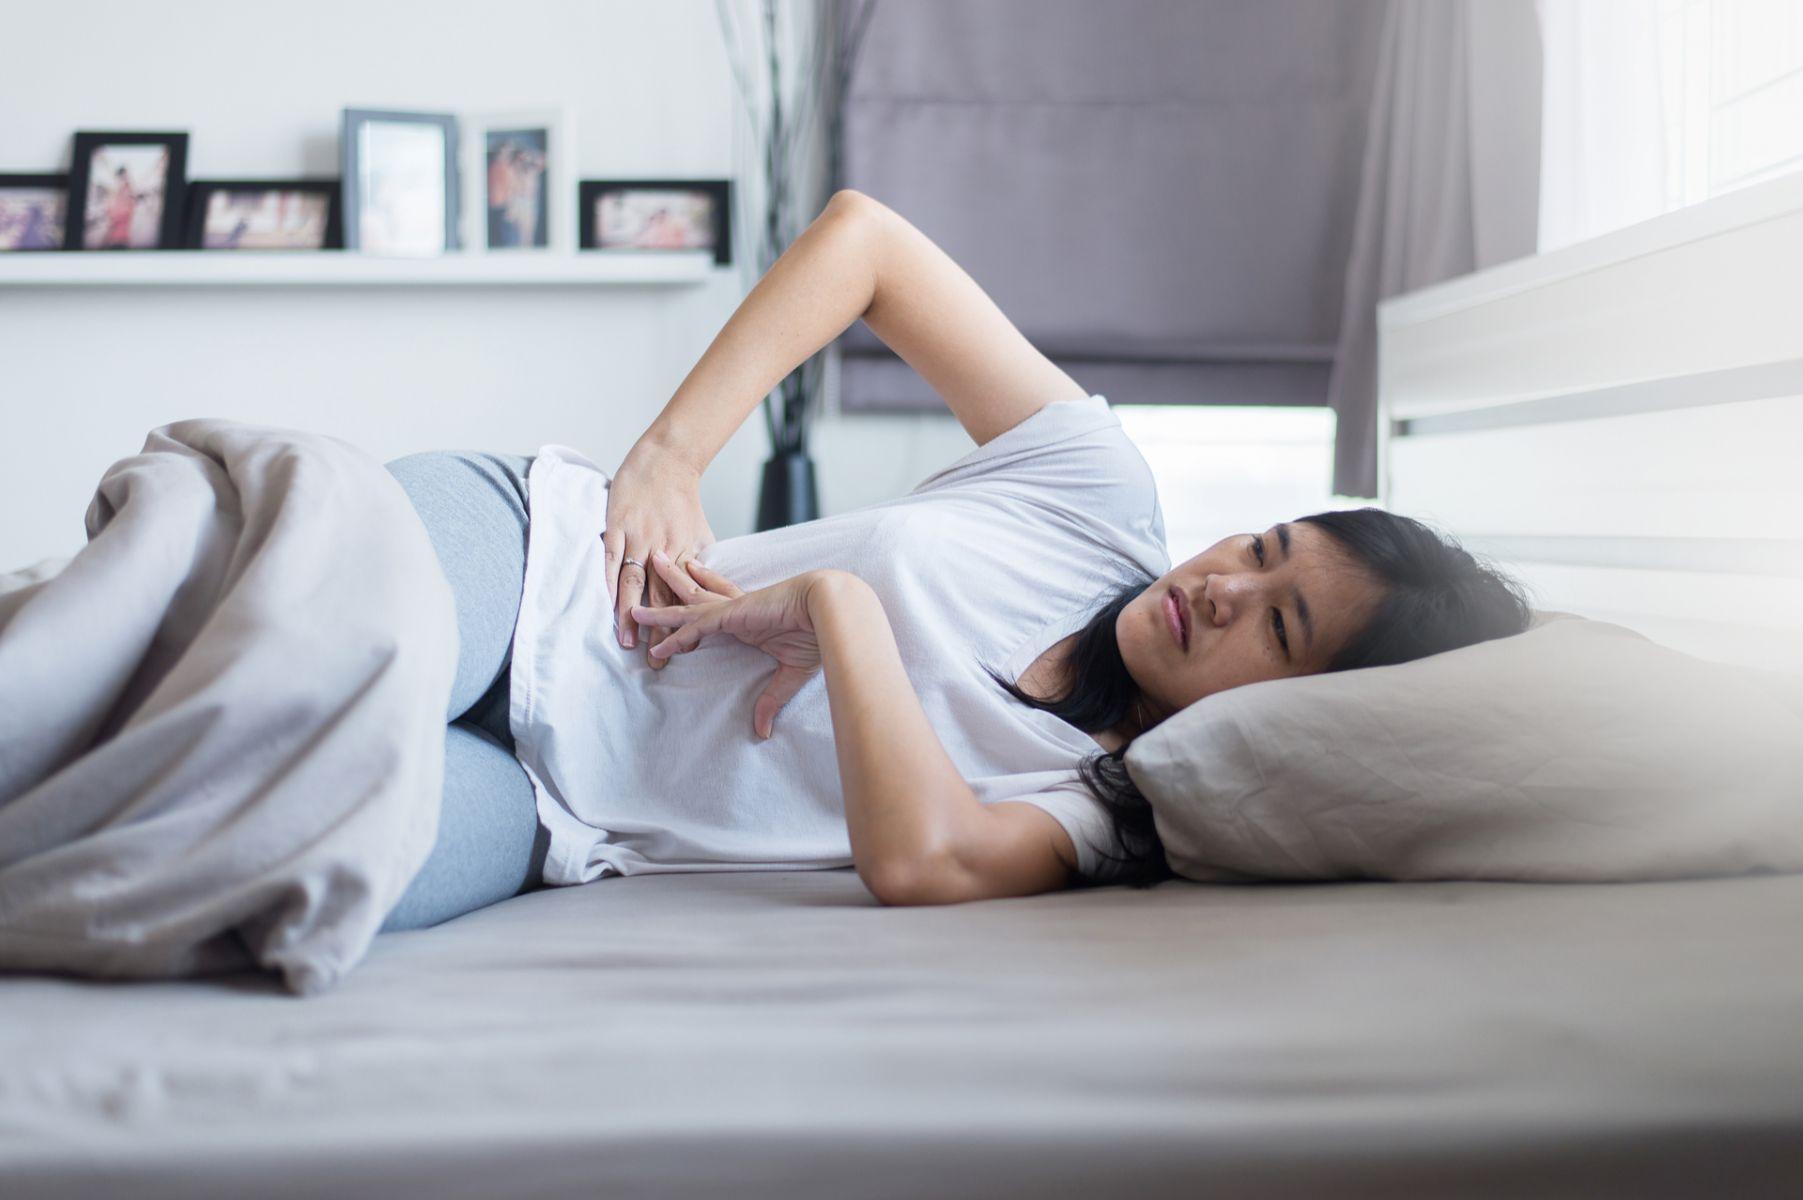 經前症候群困擾六成女性!減輕不適的自我照護法